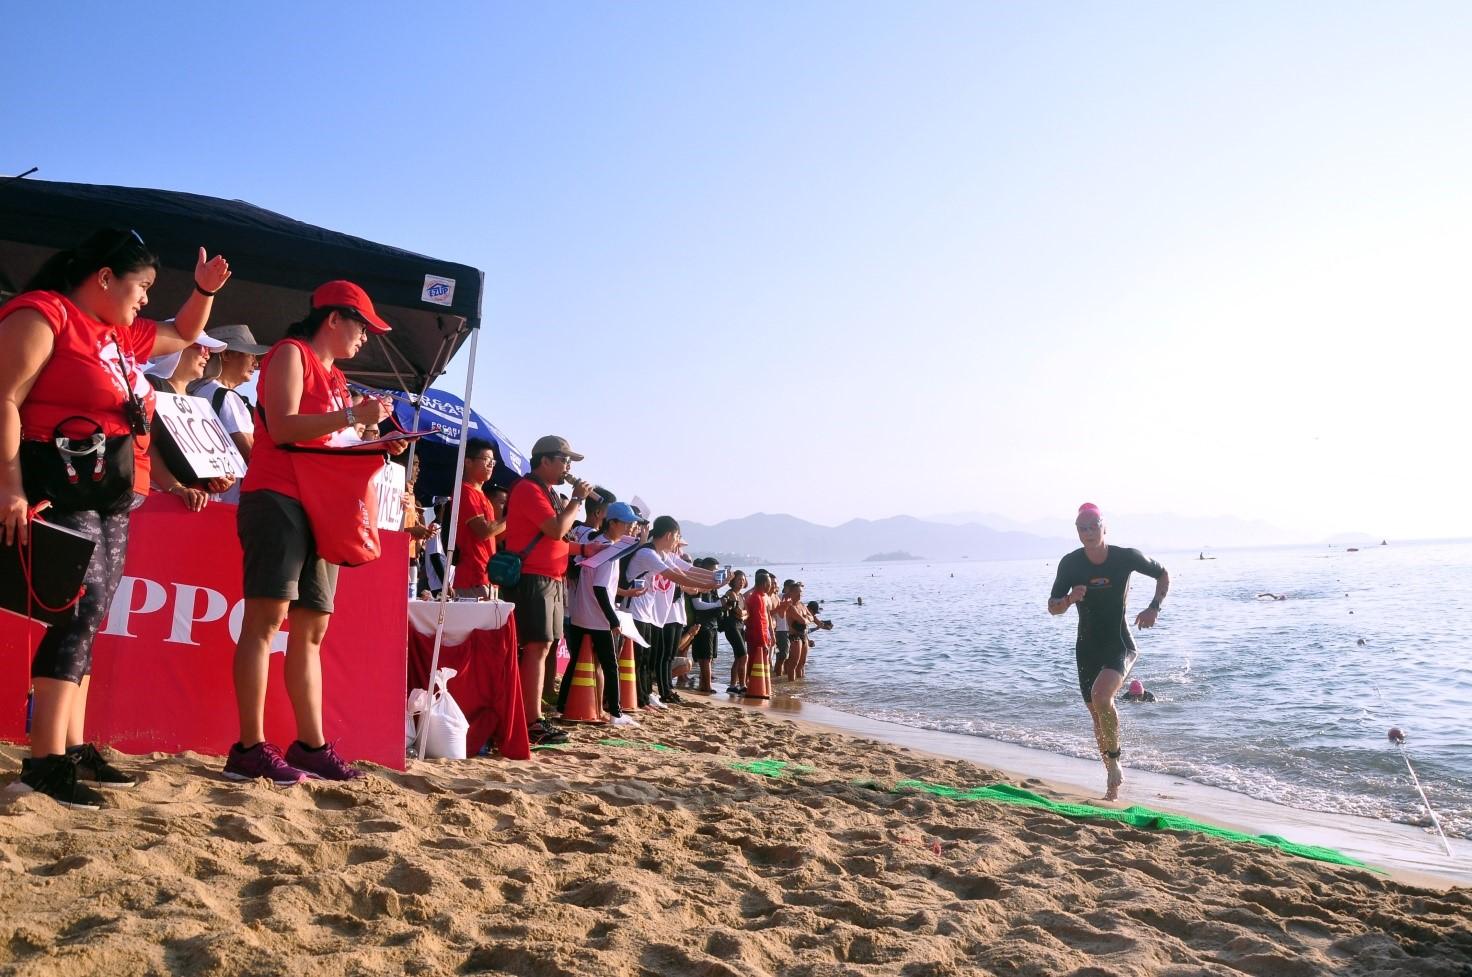 1 VĐV Nam hoàn thành phần thi bơi 1,9 km chuyển tiếp môn đua xe đạp